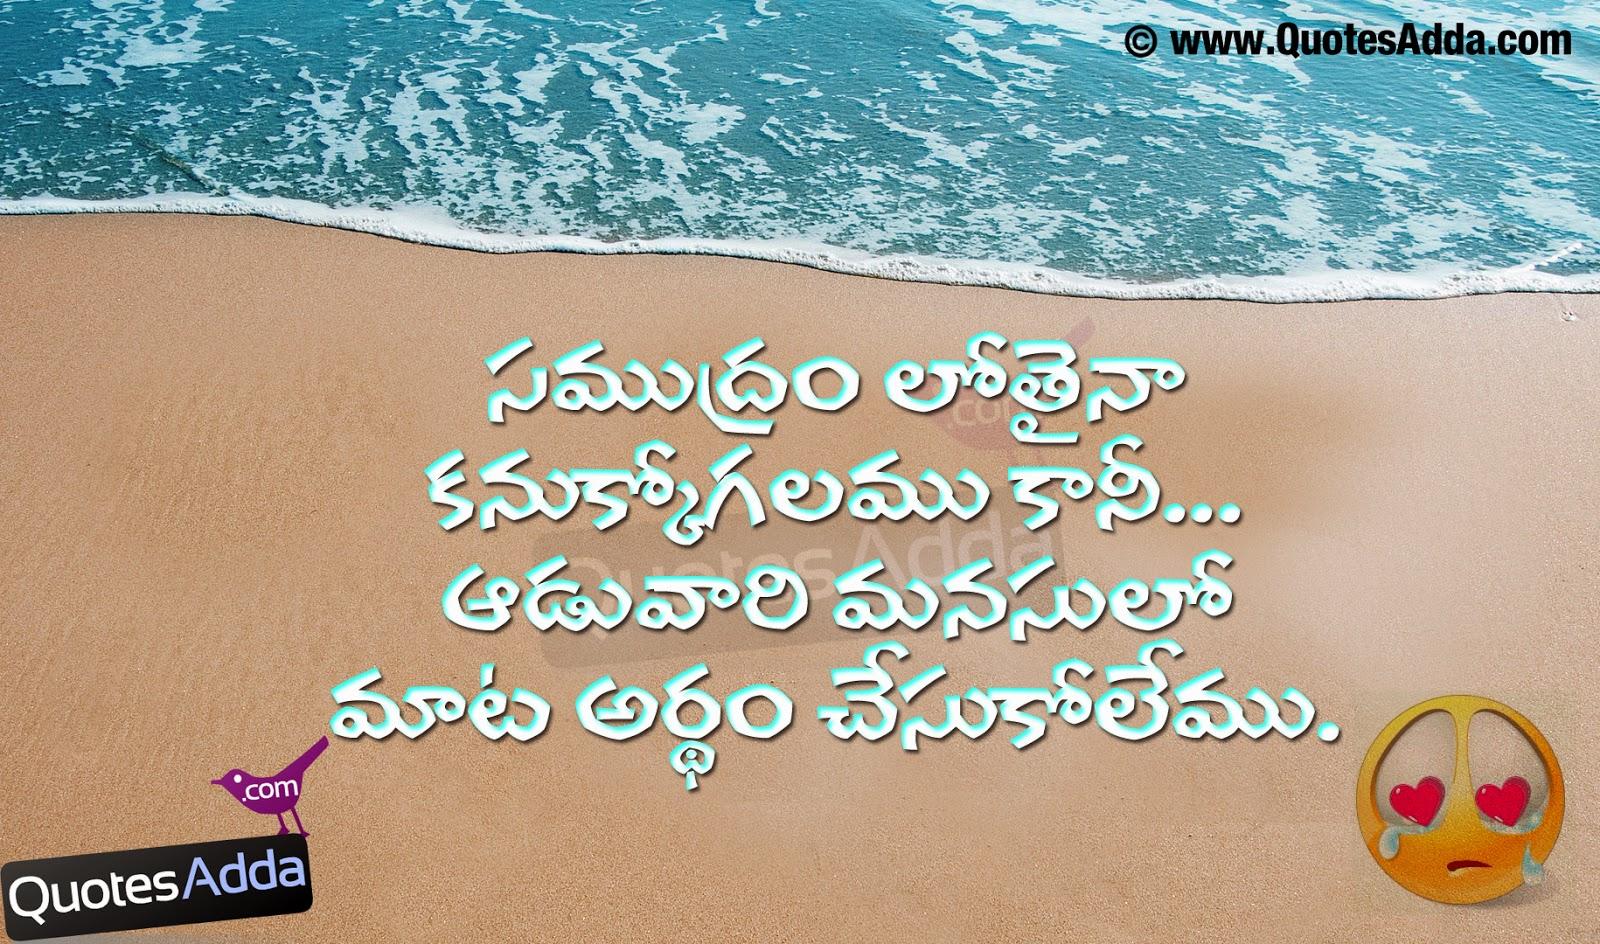 telugu girls feelings quotes images quotesadda